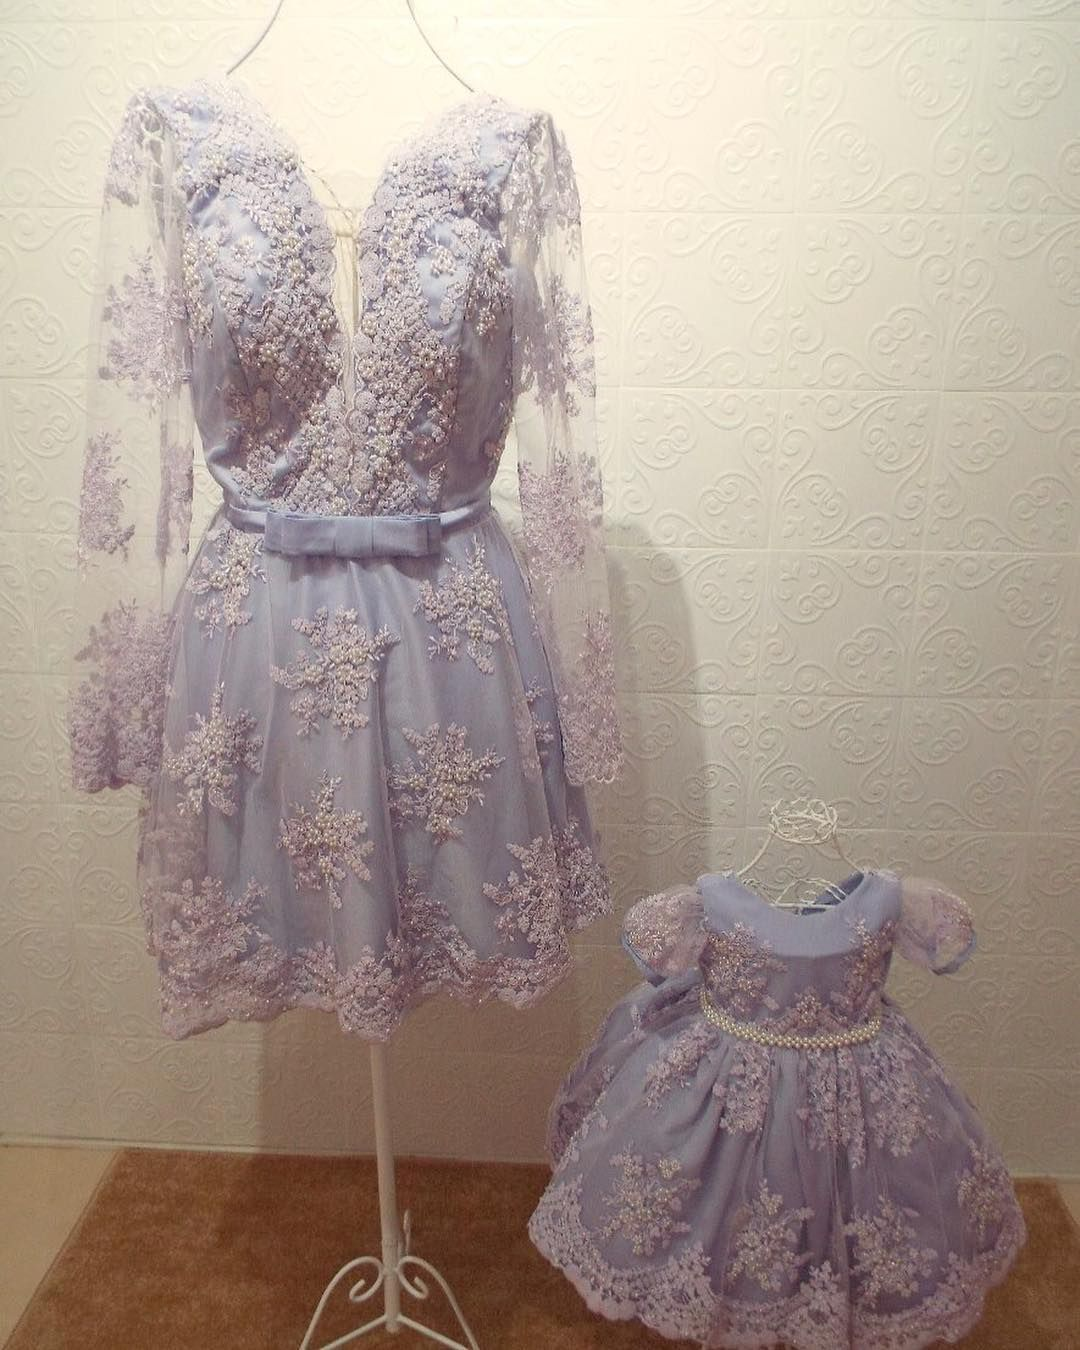 e9be718ee9 Vestido para tema Princesa Sofia 👸🏼 . A perfeição na renda escolhida e em  cada